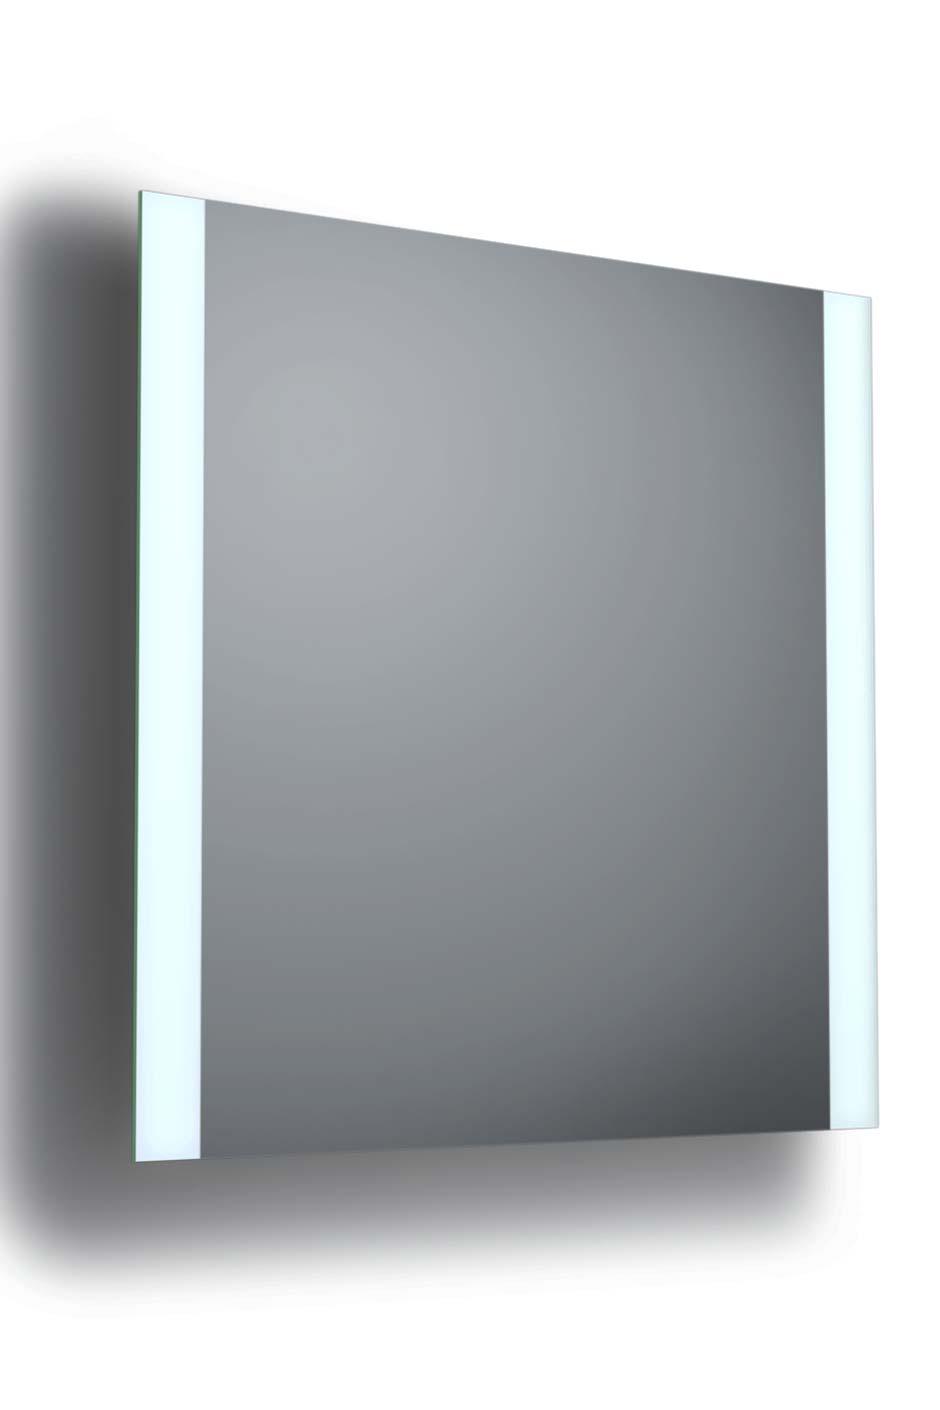 Side 2 miroir éclairé de 2 côtés 60x60cm. bpe:LICHT.